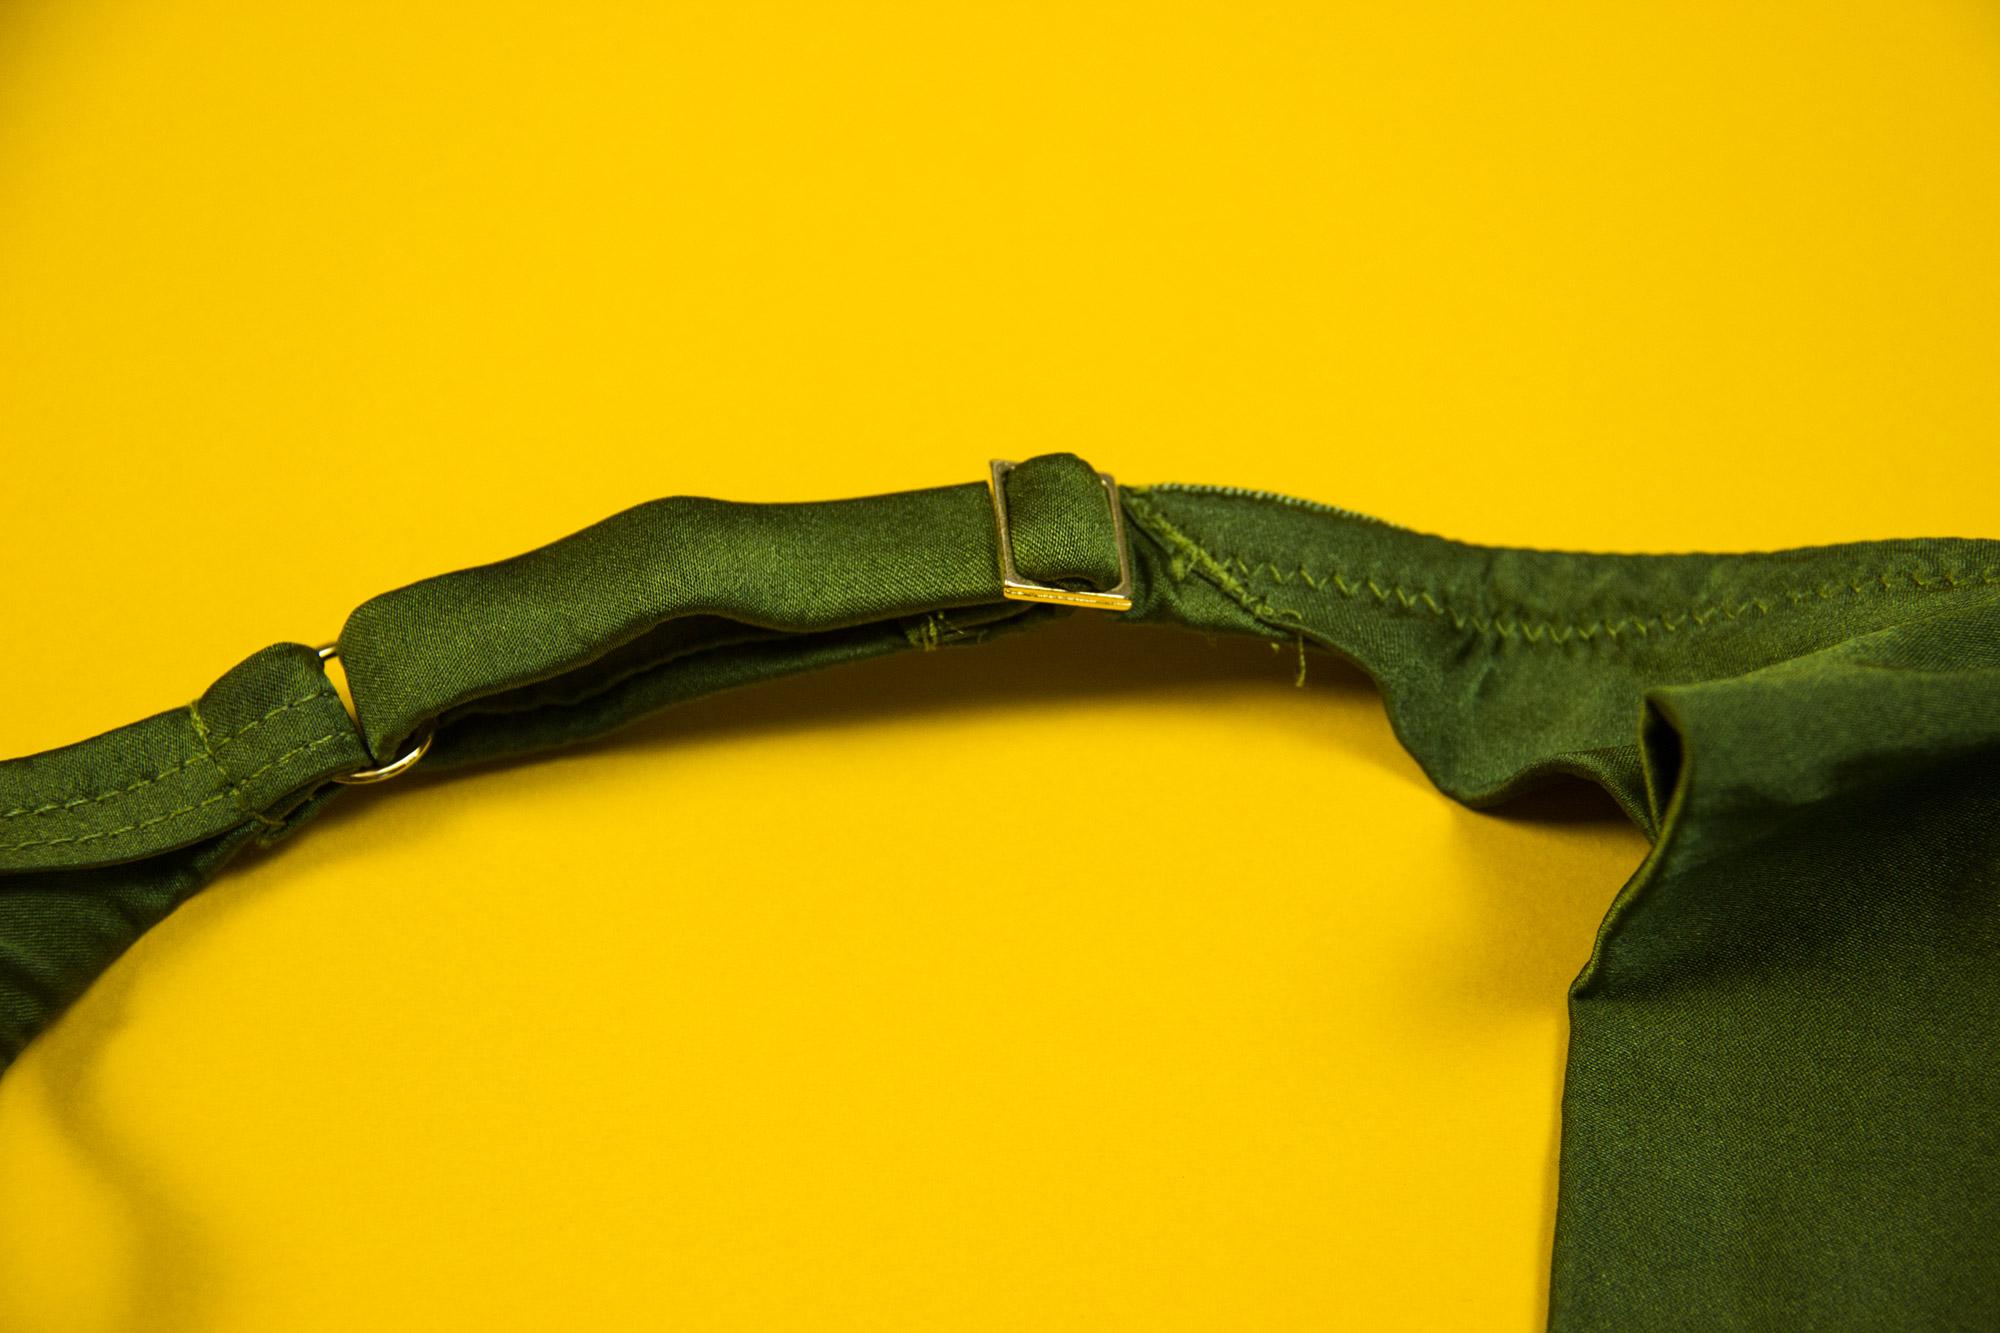 Обзор нижнего белья из этичного шёлка Studio Pia на garterblog.ru Все права на текст и фото защищены